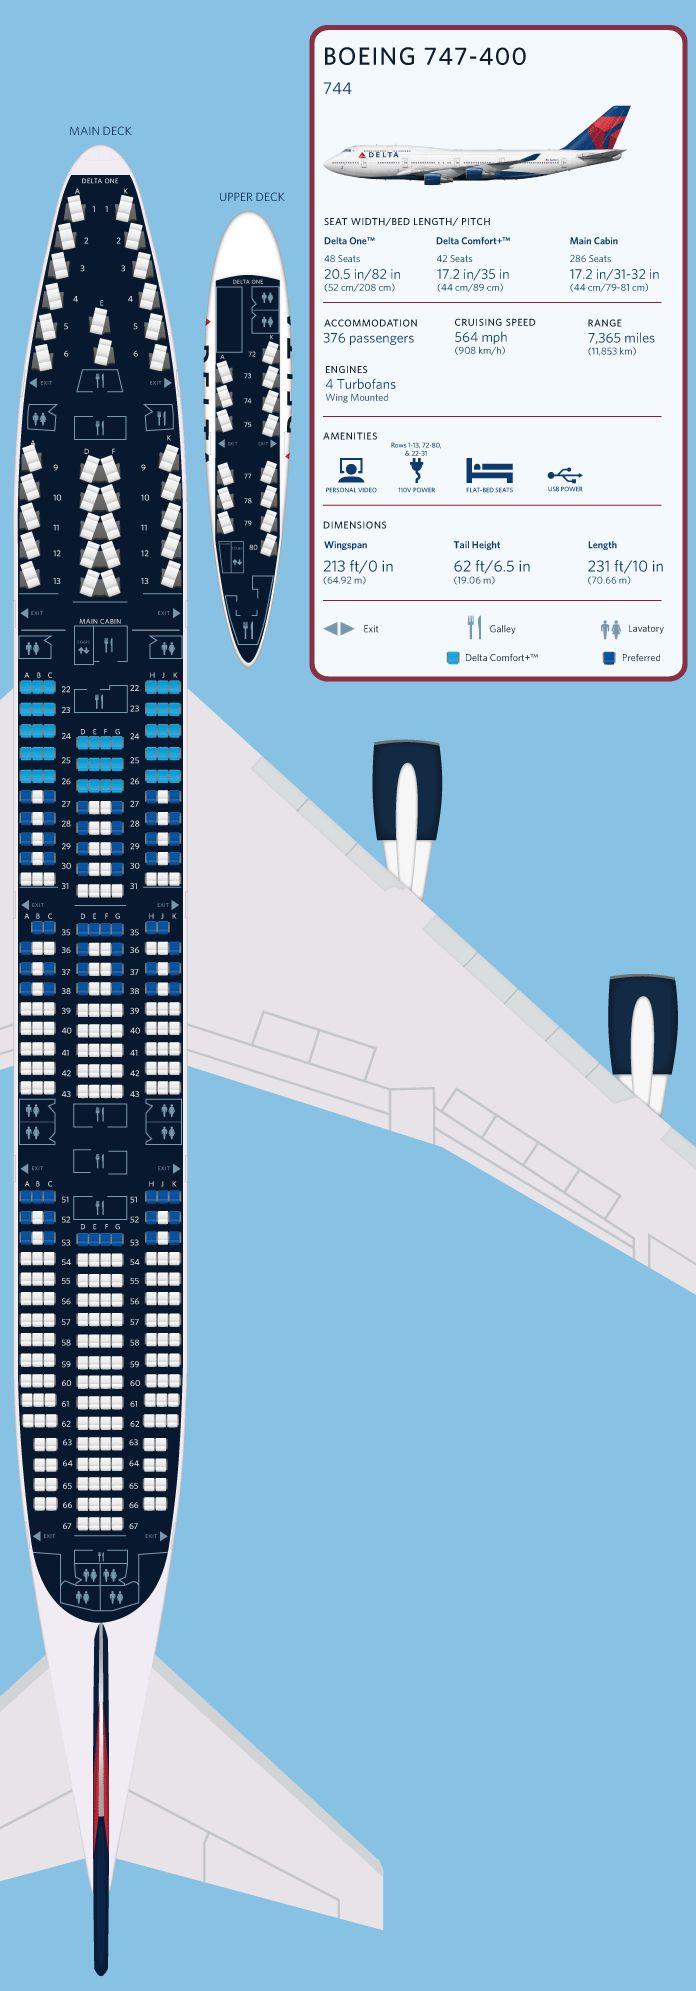 Boeing 747-700 (744)